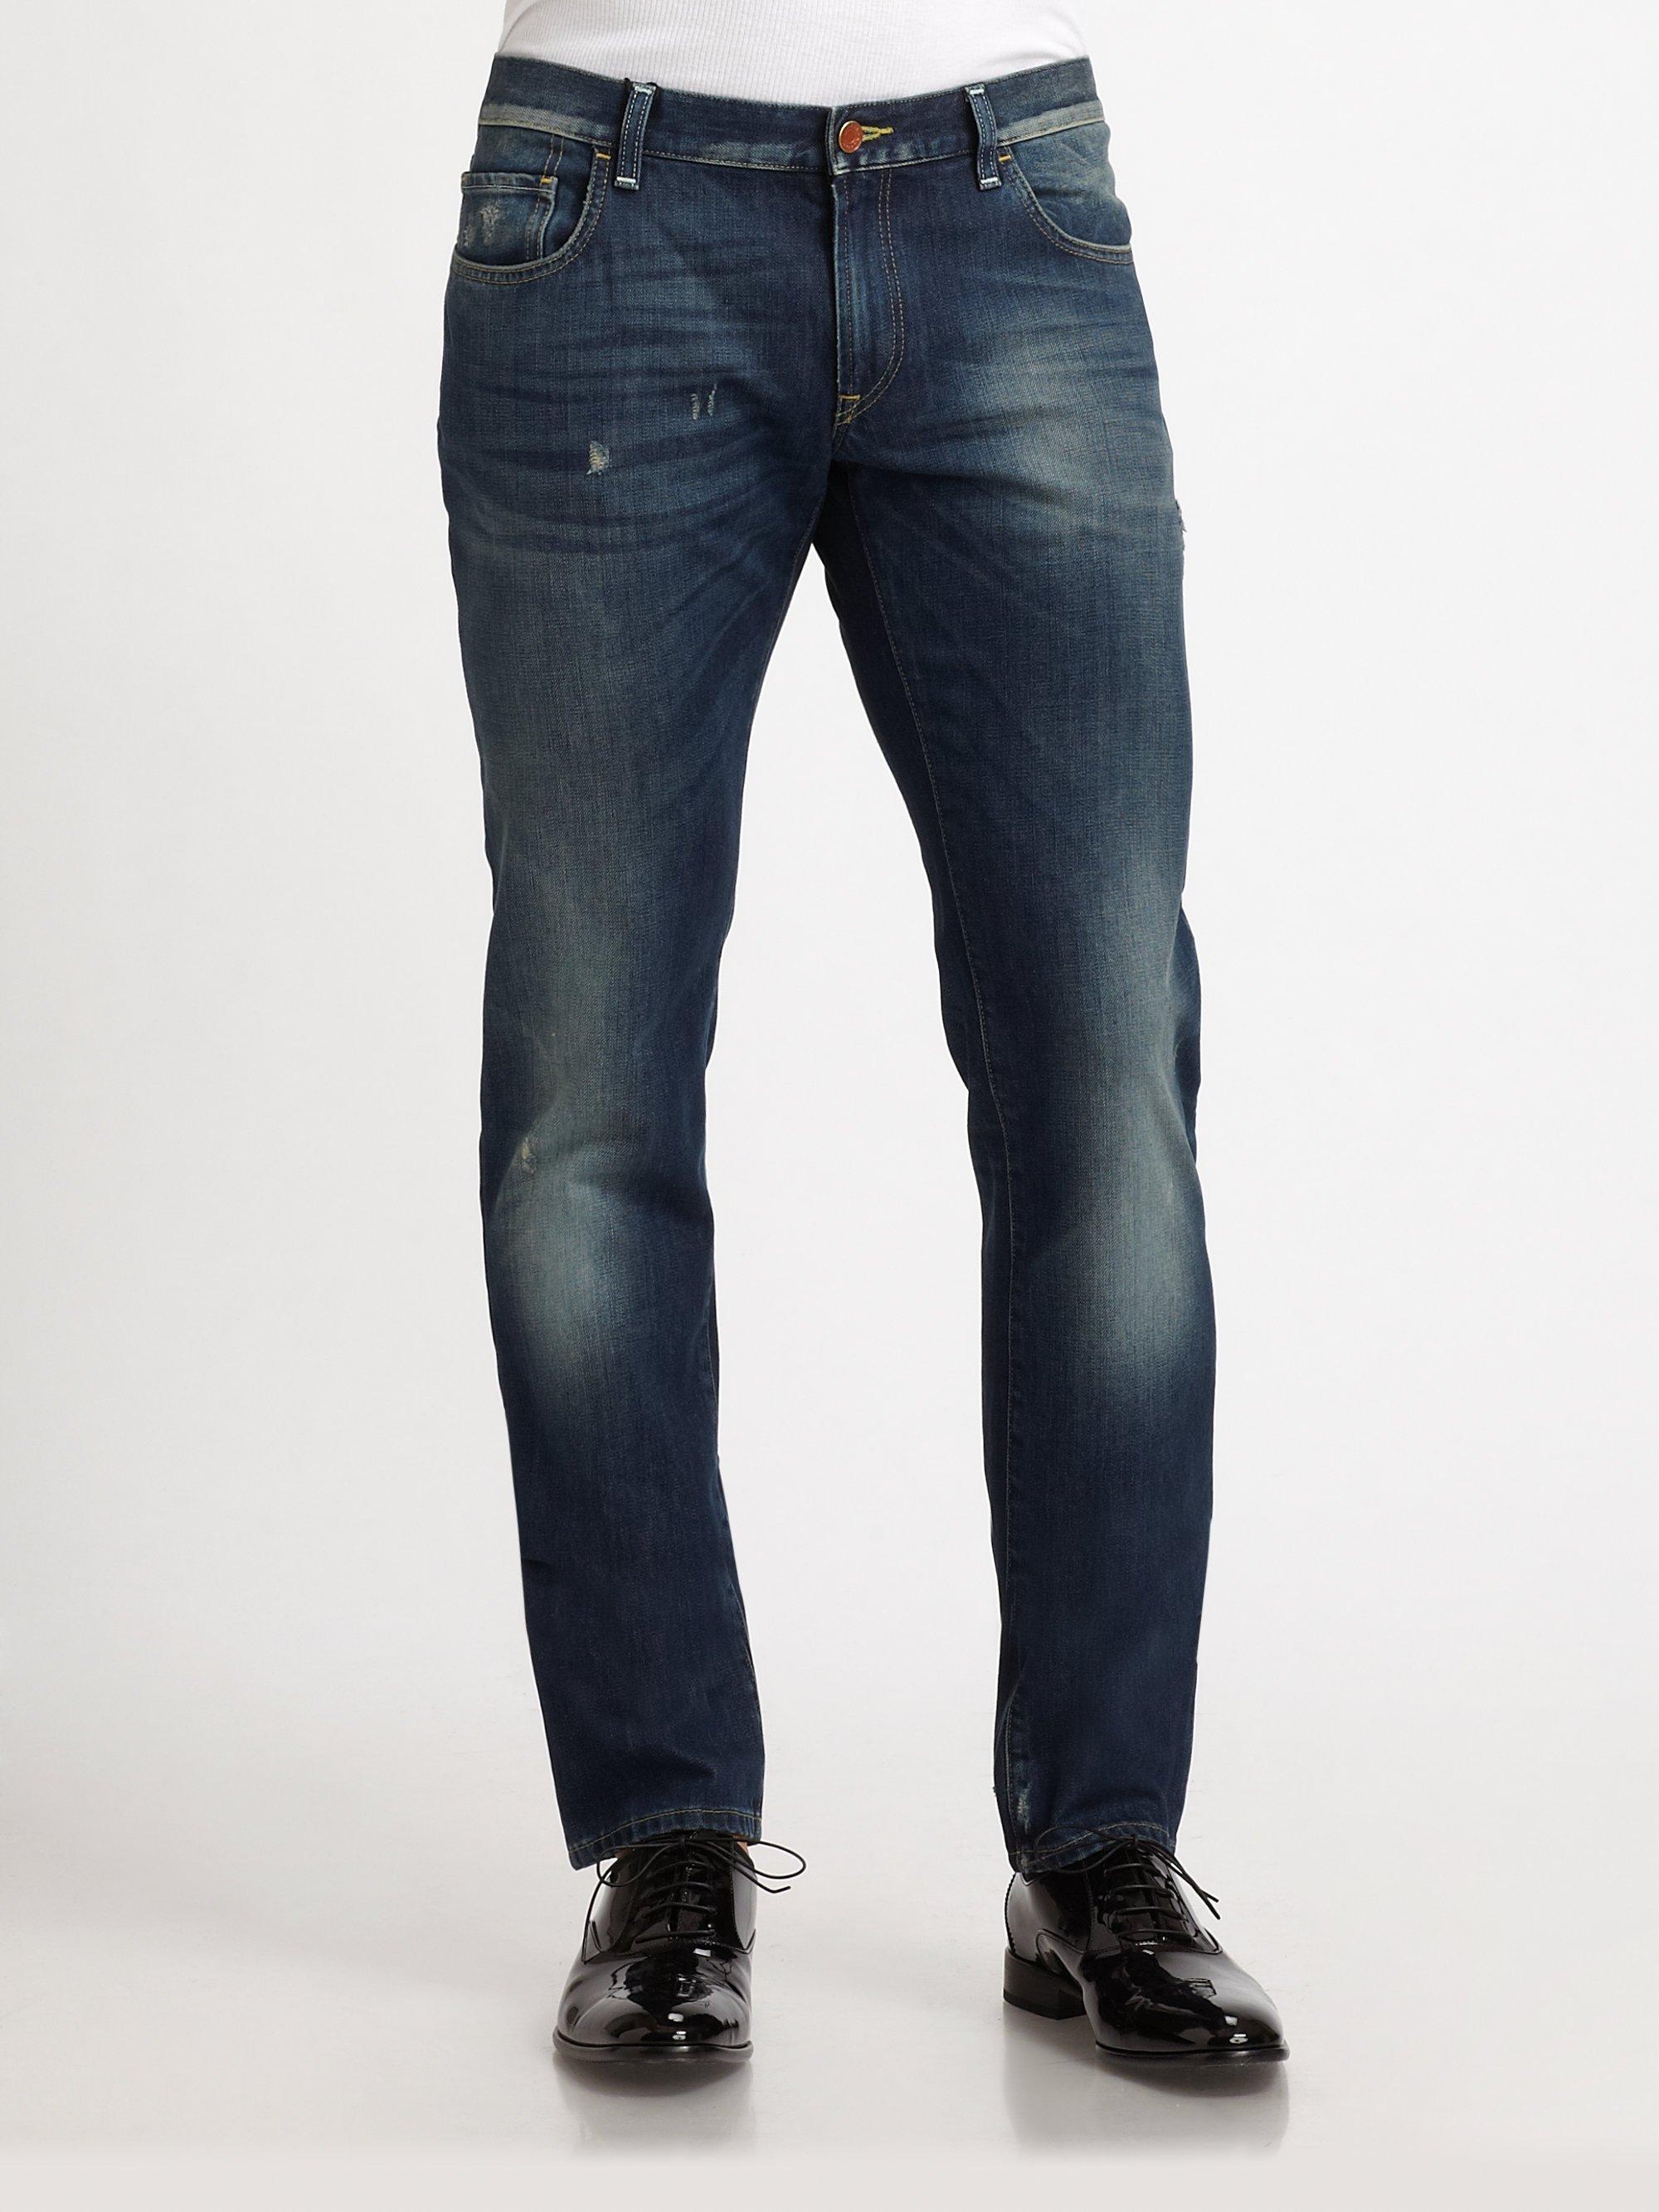 dolce gabbana distressed denim jeans in blue for men. Black Bedroom Furniture Sets. Home Design Ideas